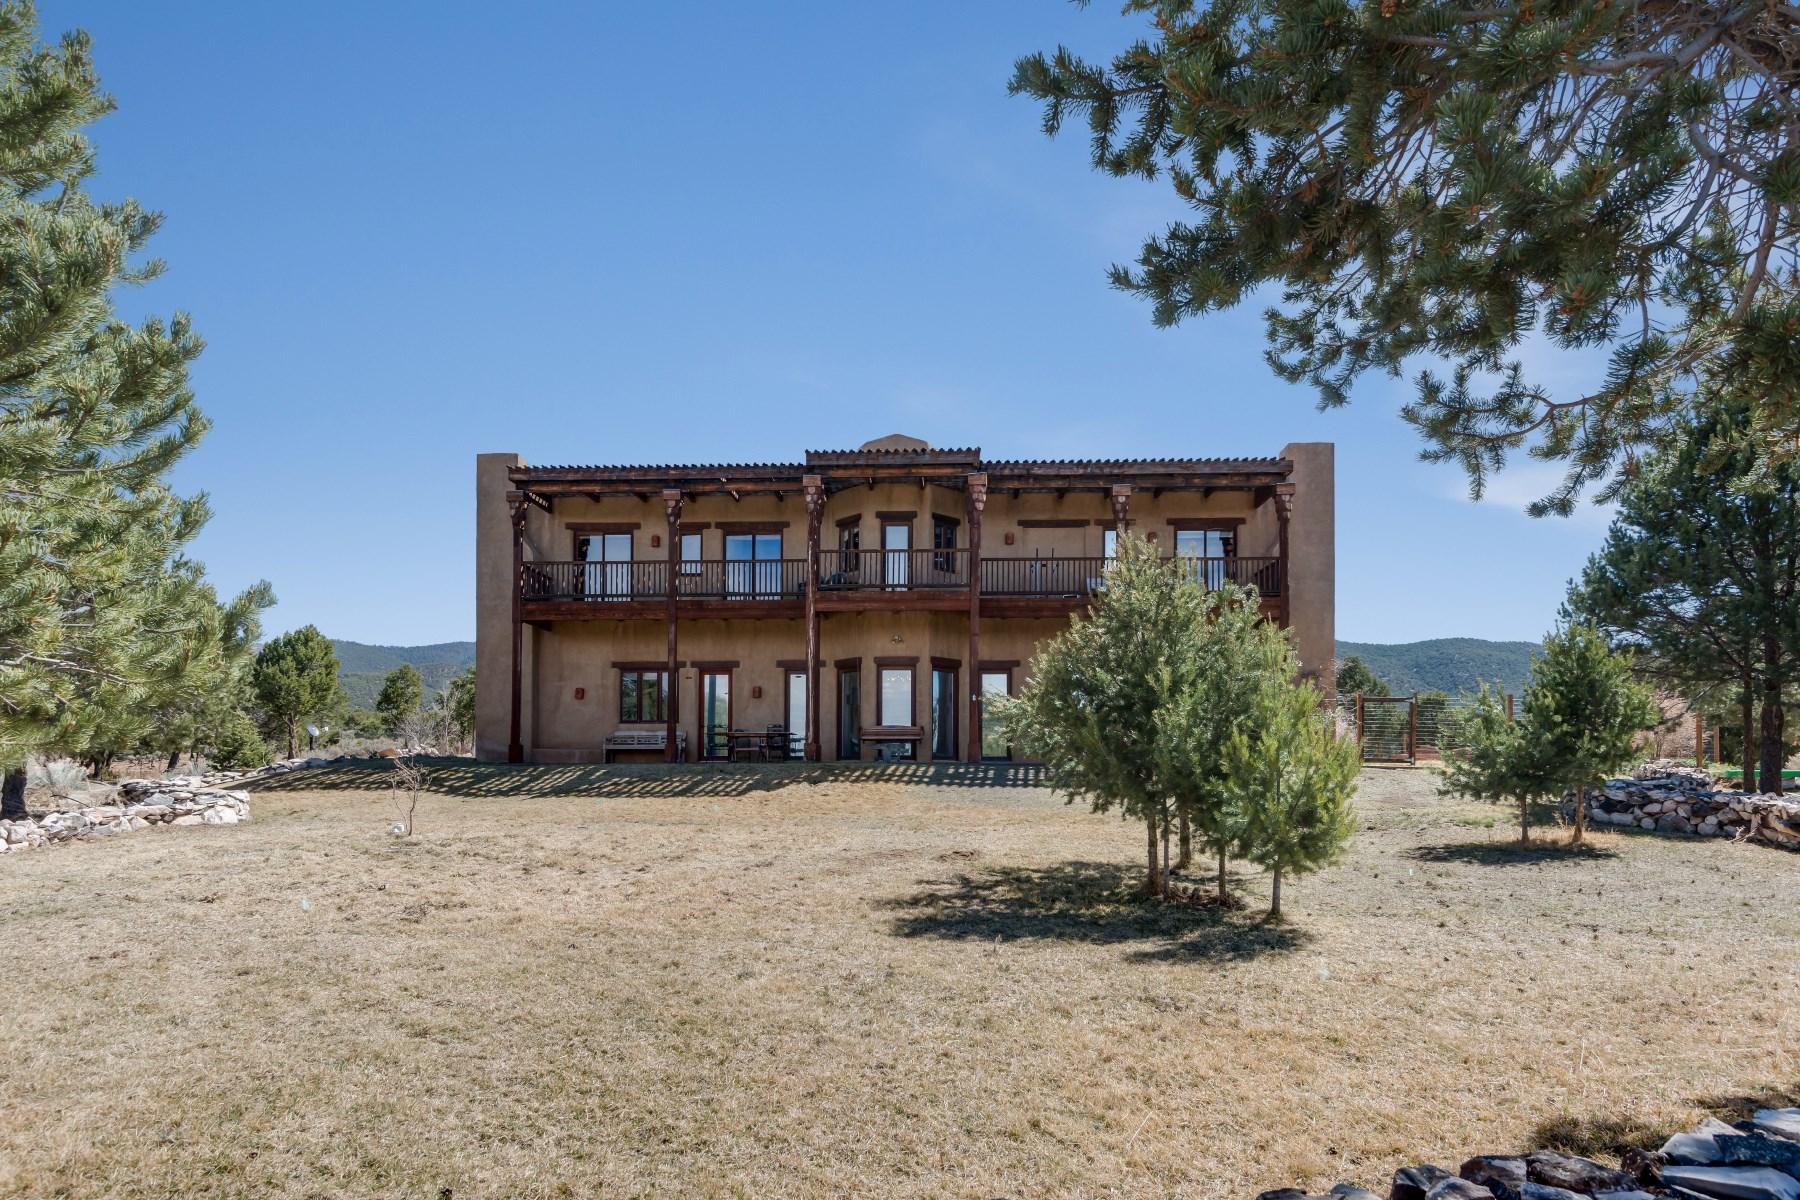 独户住宅 为 销售 在 Eagleton Hacienda Taos, 新墨西哥州, 87571 美国